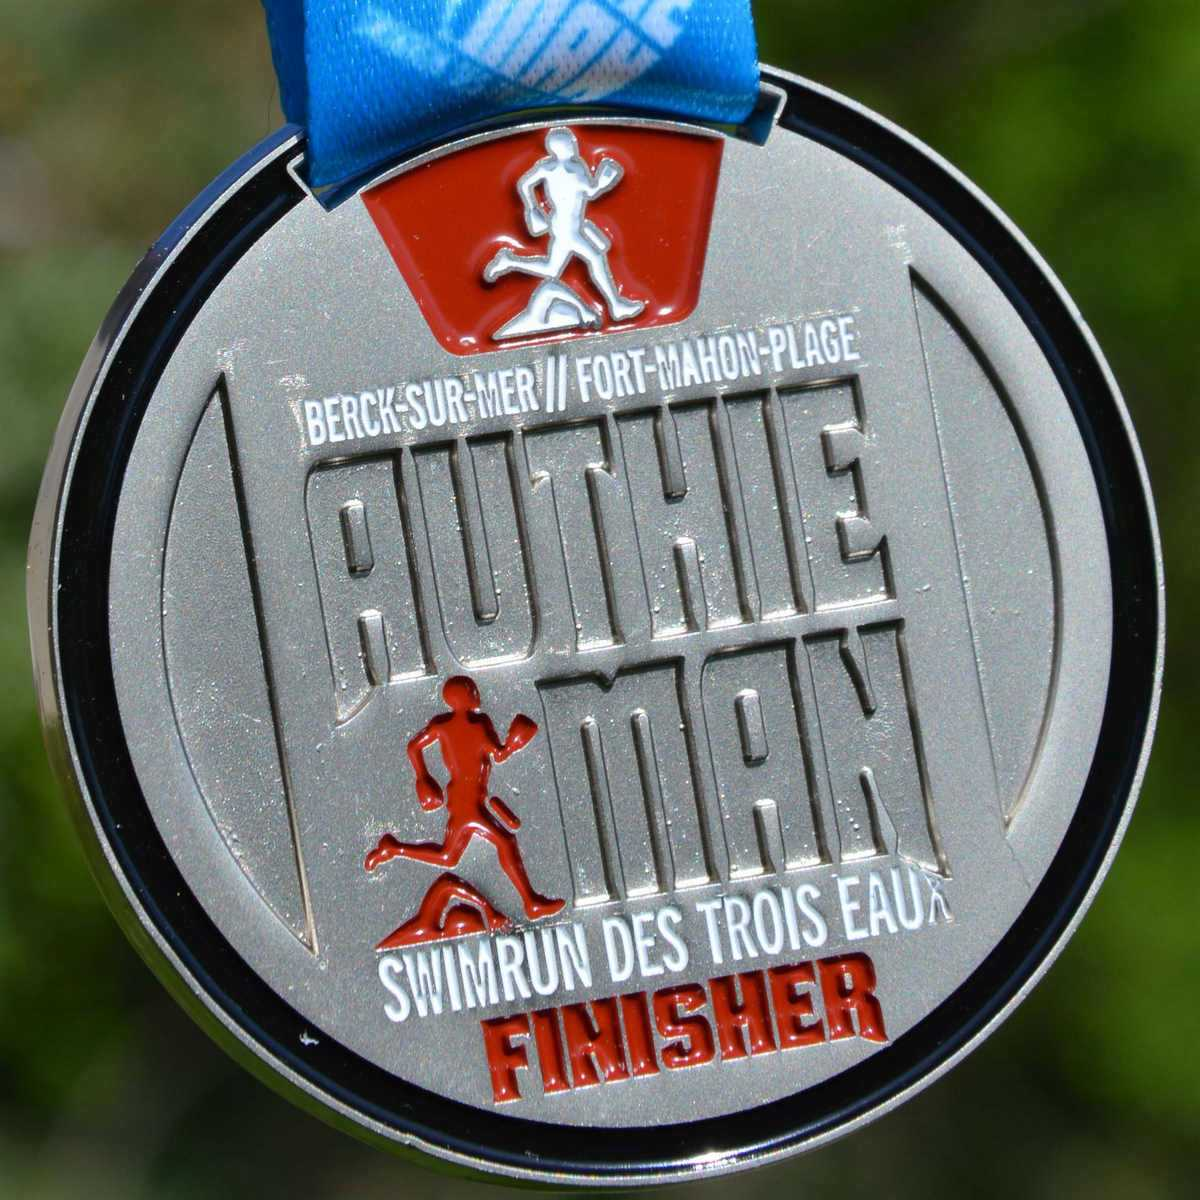 Médaille Finisher ronde réalisée pour le Swimrun des Trois Eaux - Berck-sur-mer - Fort-Mahon-Plage - AuthieMan